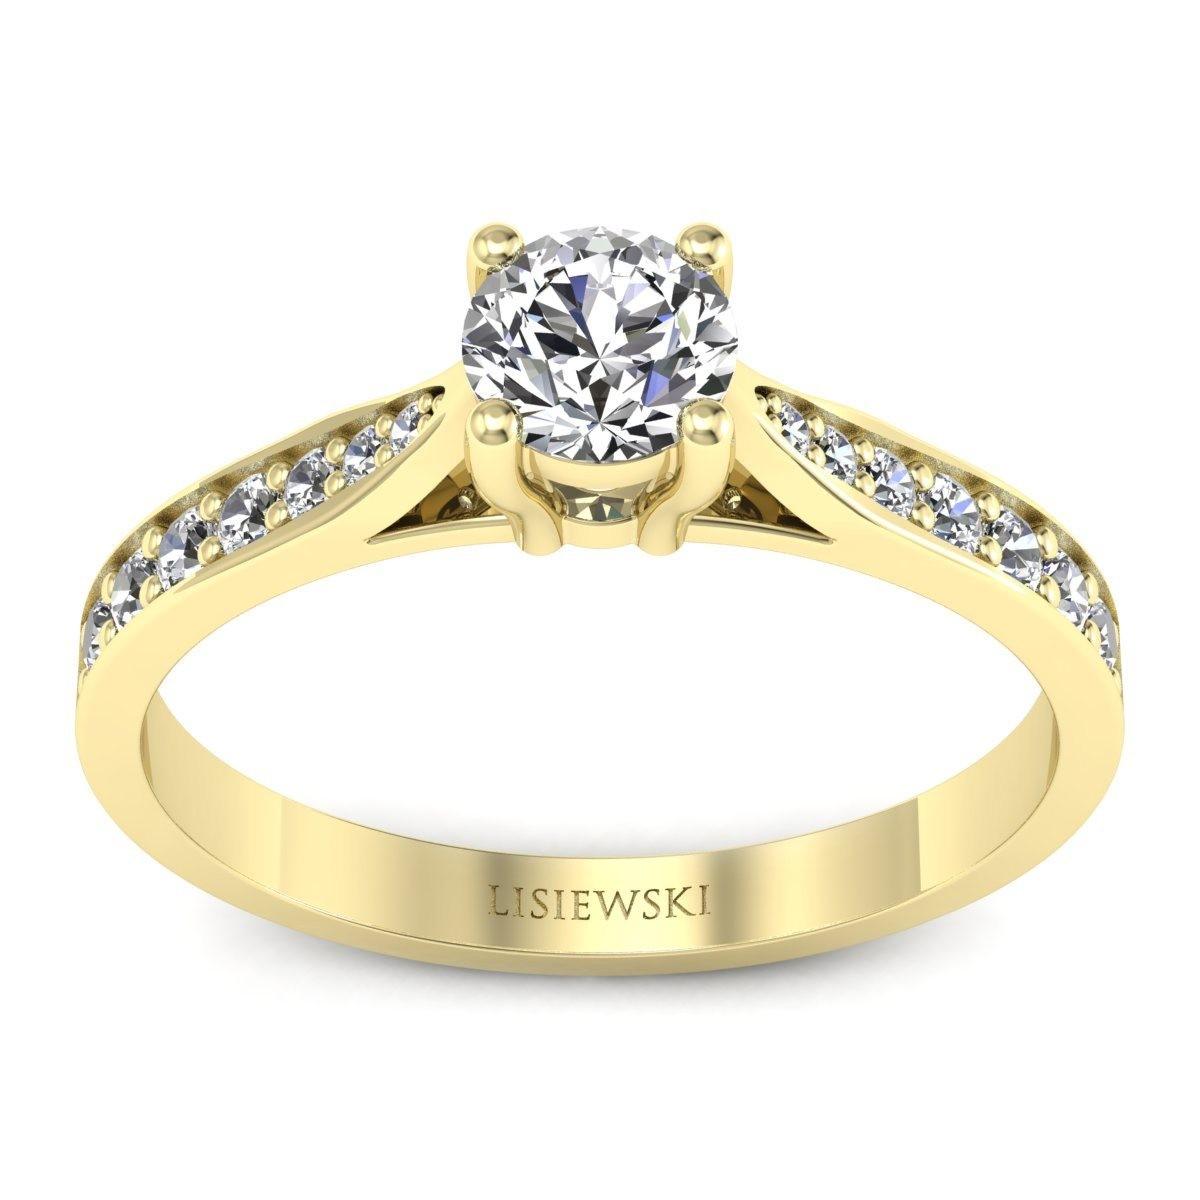 New York - Złoty pierścionek z diamentami